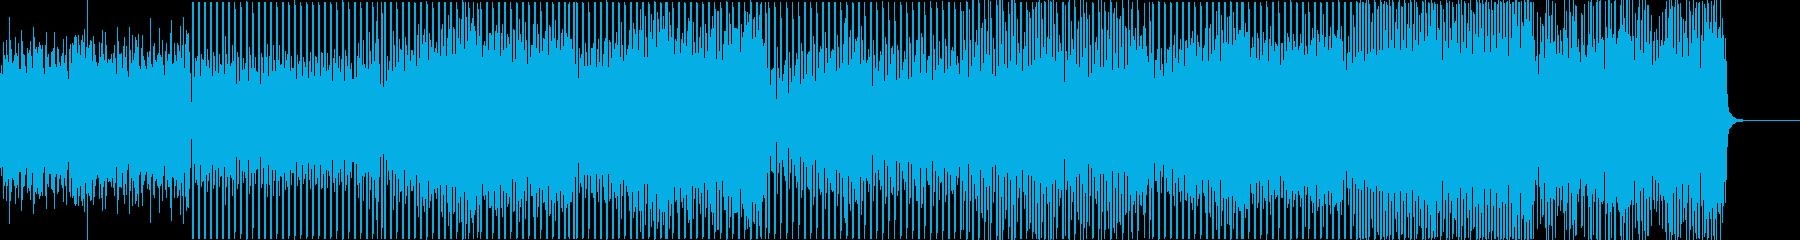 とにかく使い勝手の良いBGM【3】春の再生済みの波形